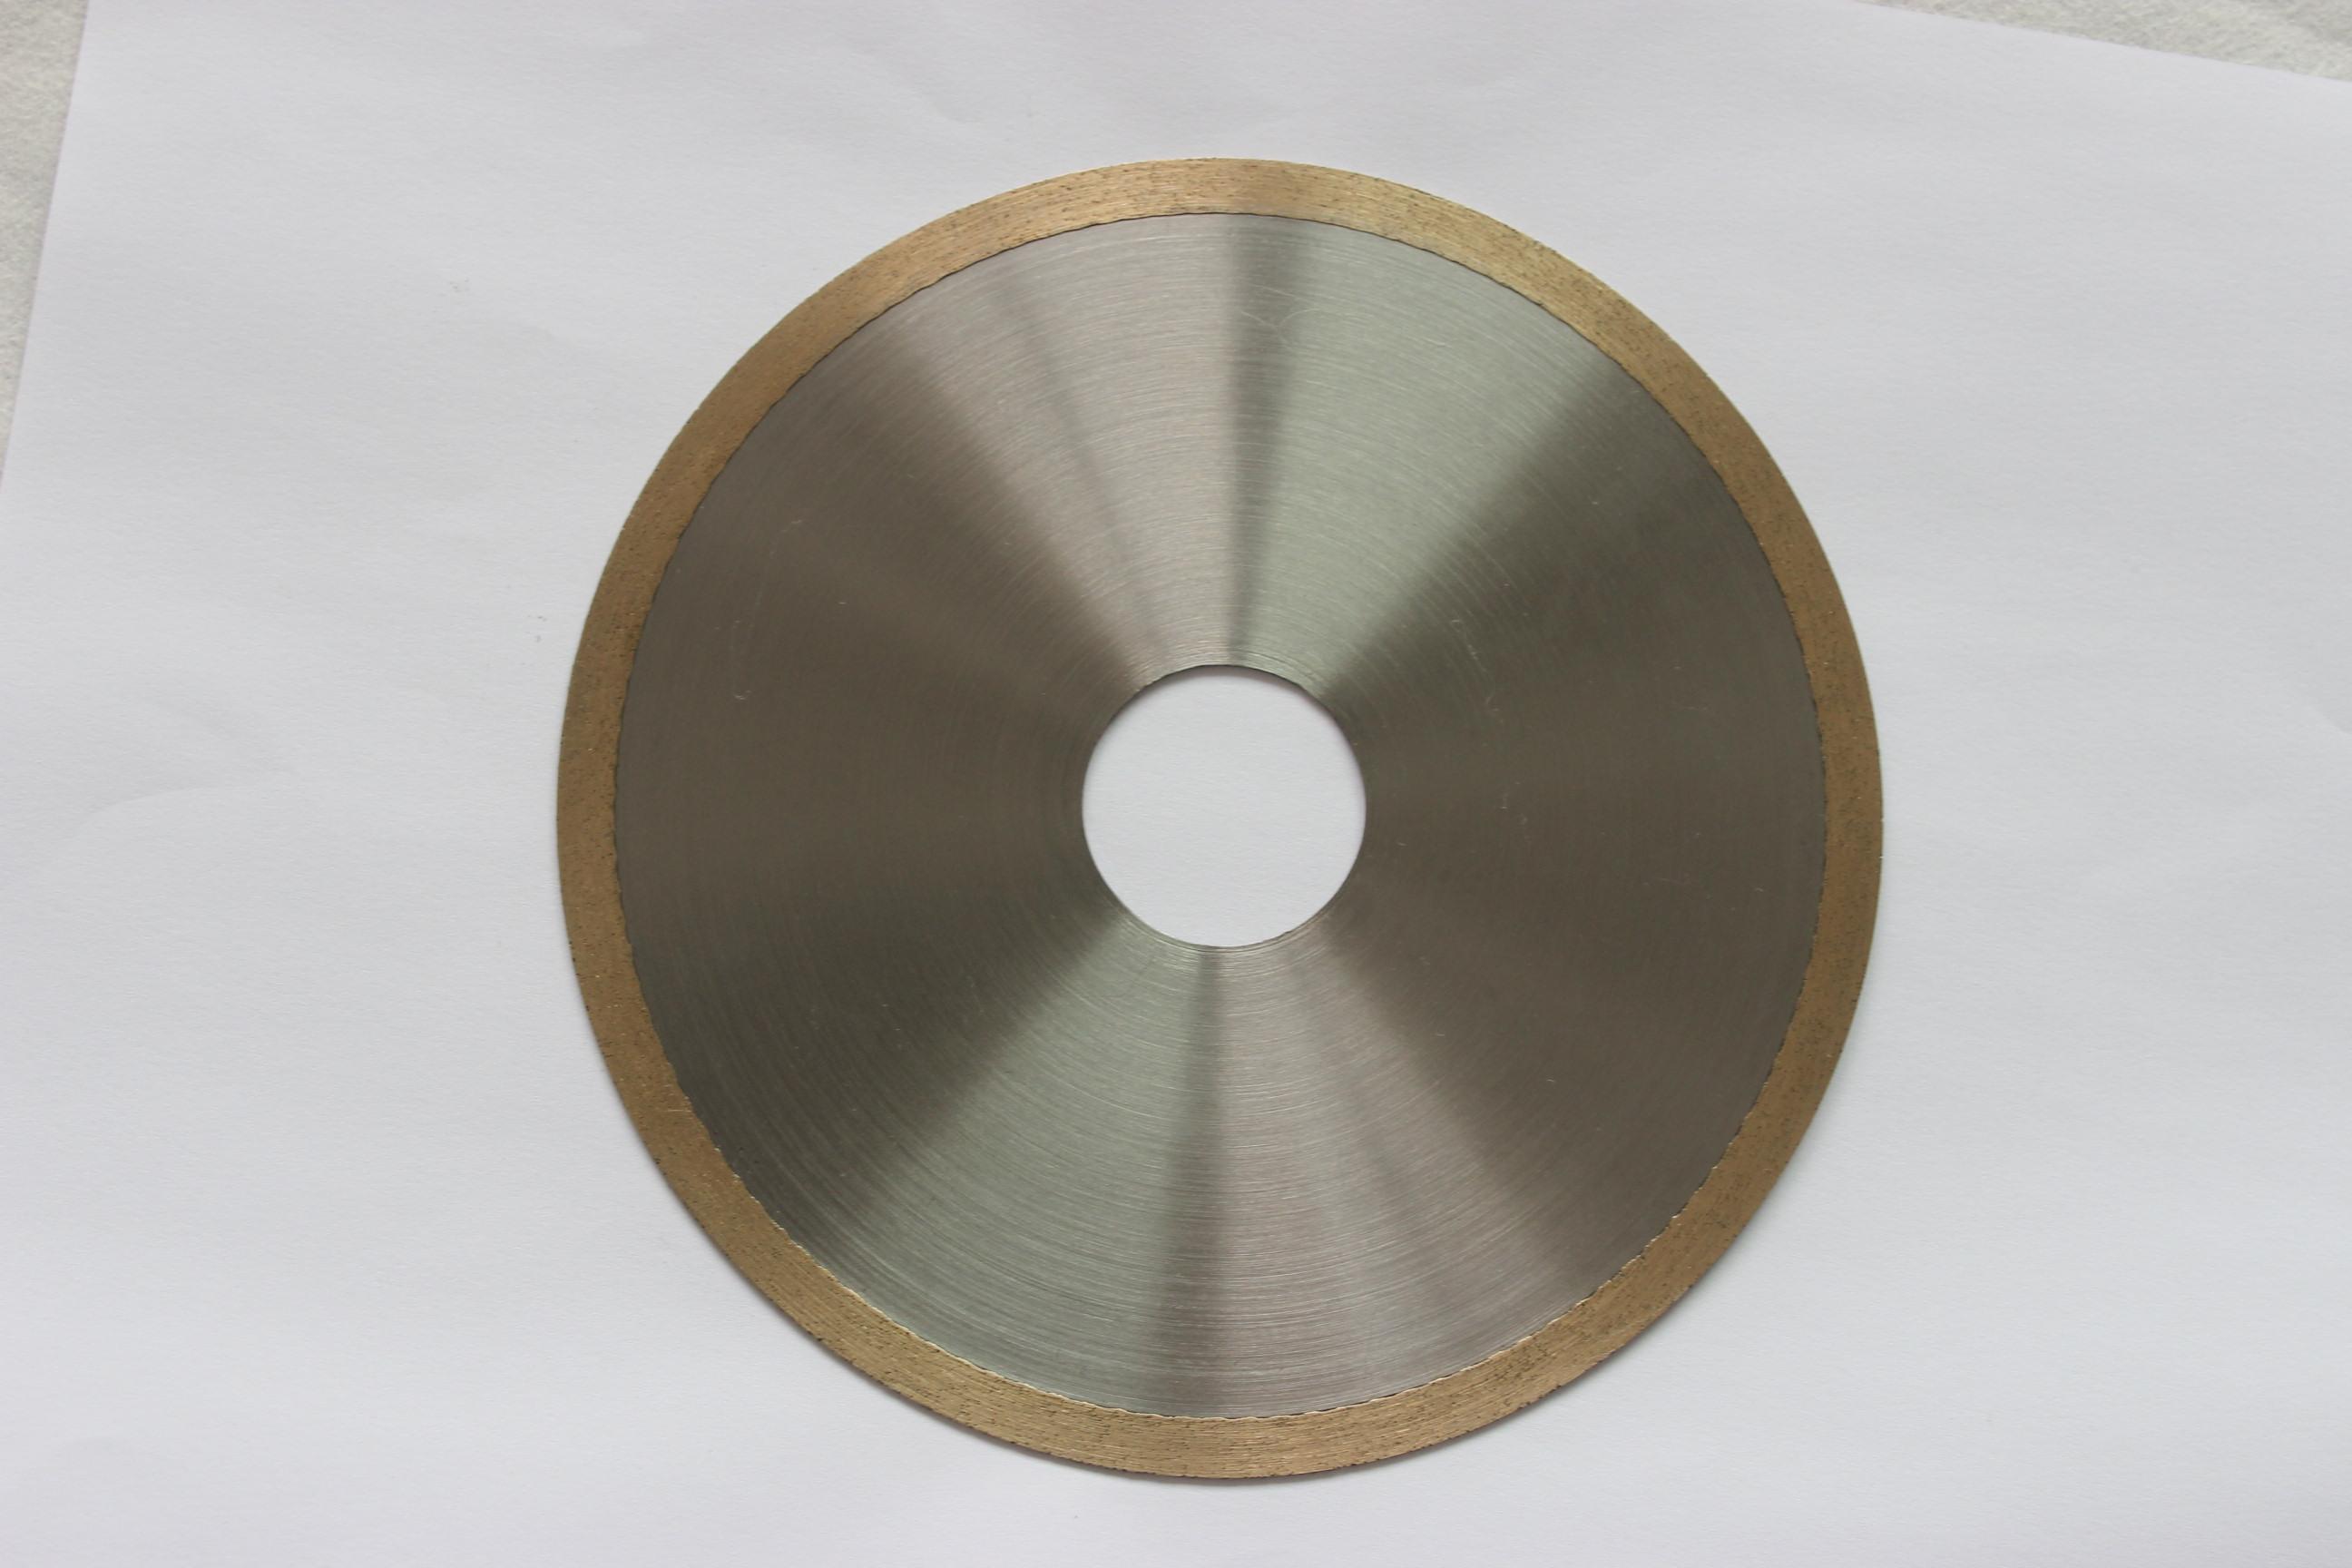 硬质合金开槽专用超薄金刚石锯片